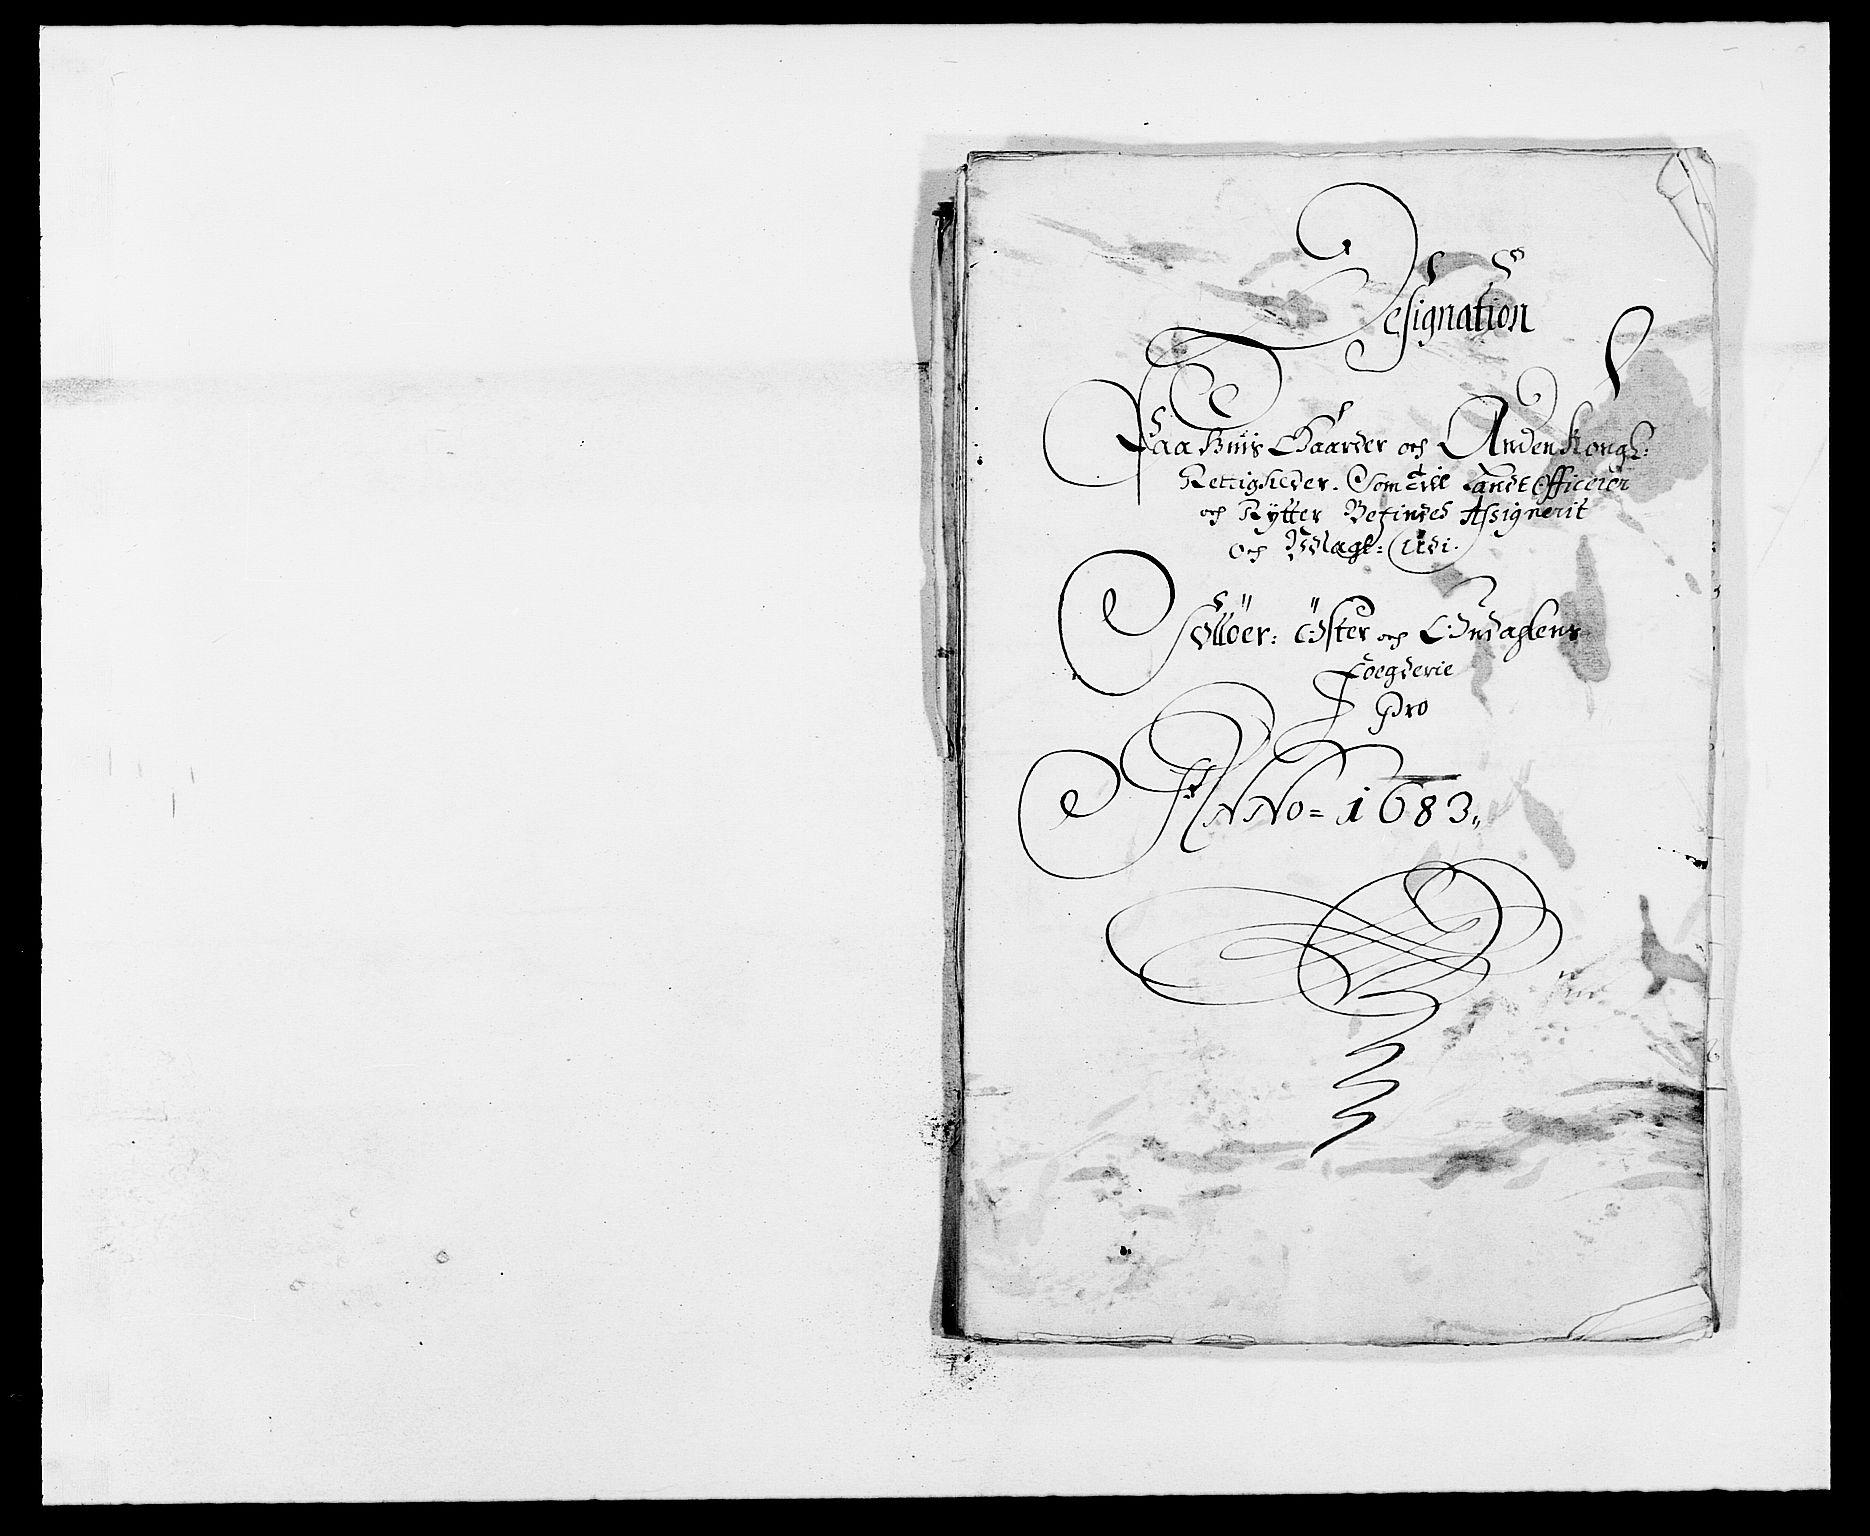 RA, Rentekammeret inntil 1814, Reviderte regnskaper, Fogderegnskap, R13/L0820: Fogderegnskap Solør, Odal og Østerdal, 1683, s. 255